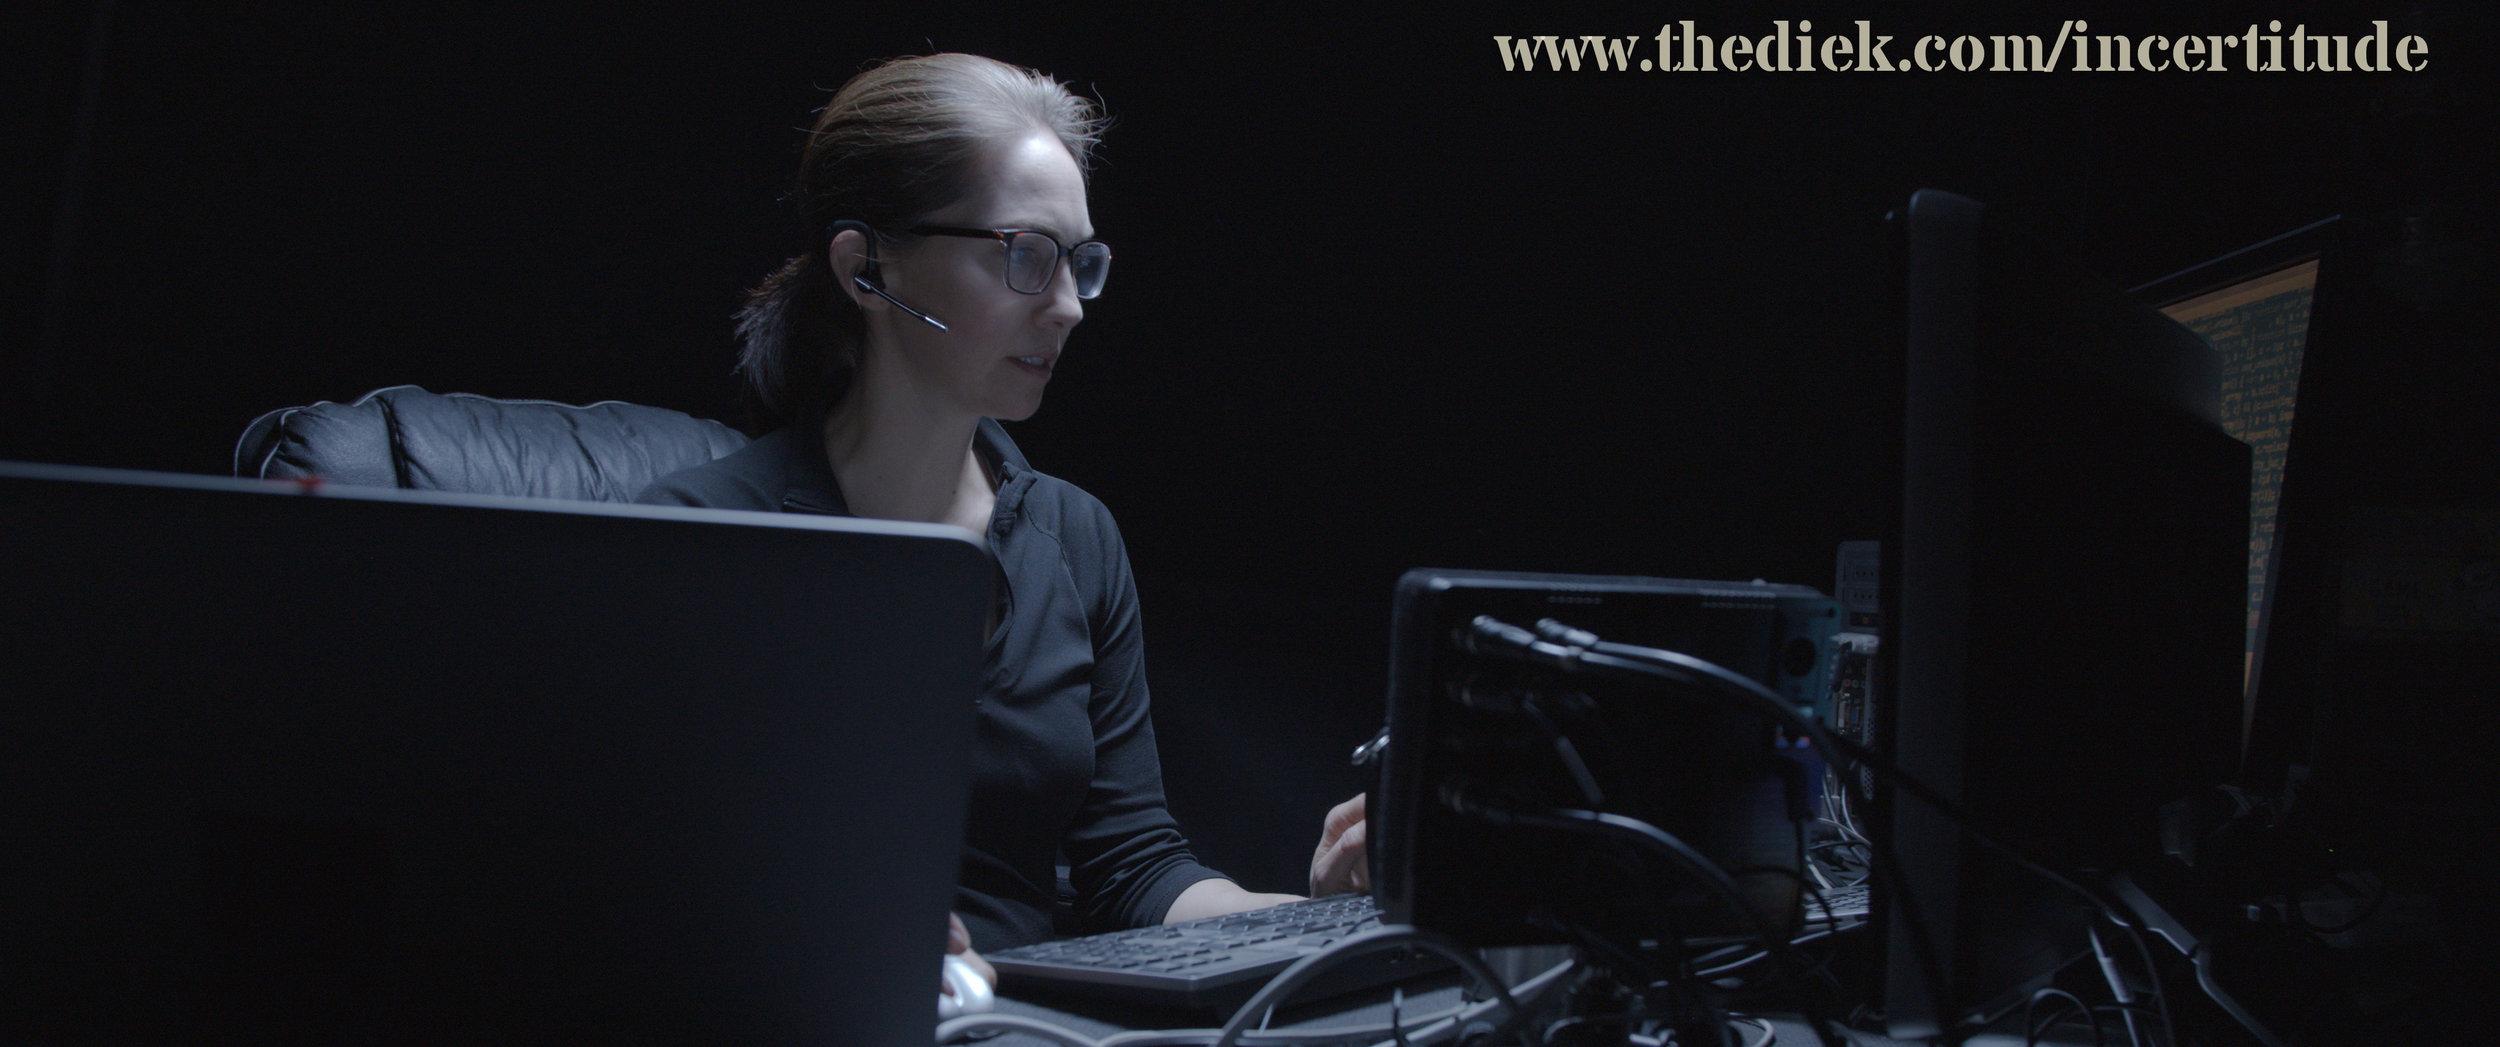 hacker swan 1 still.jpg